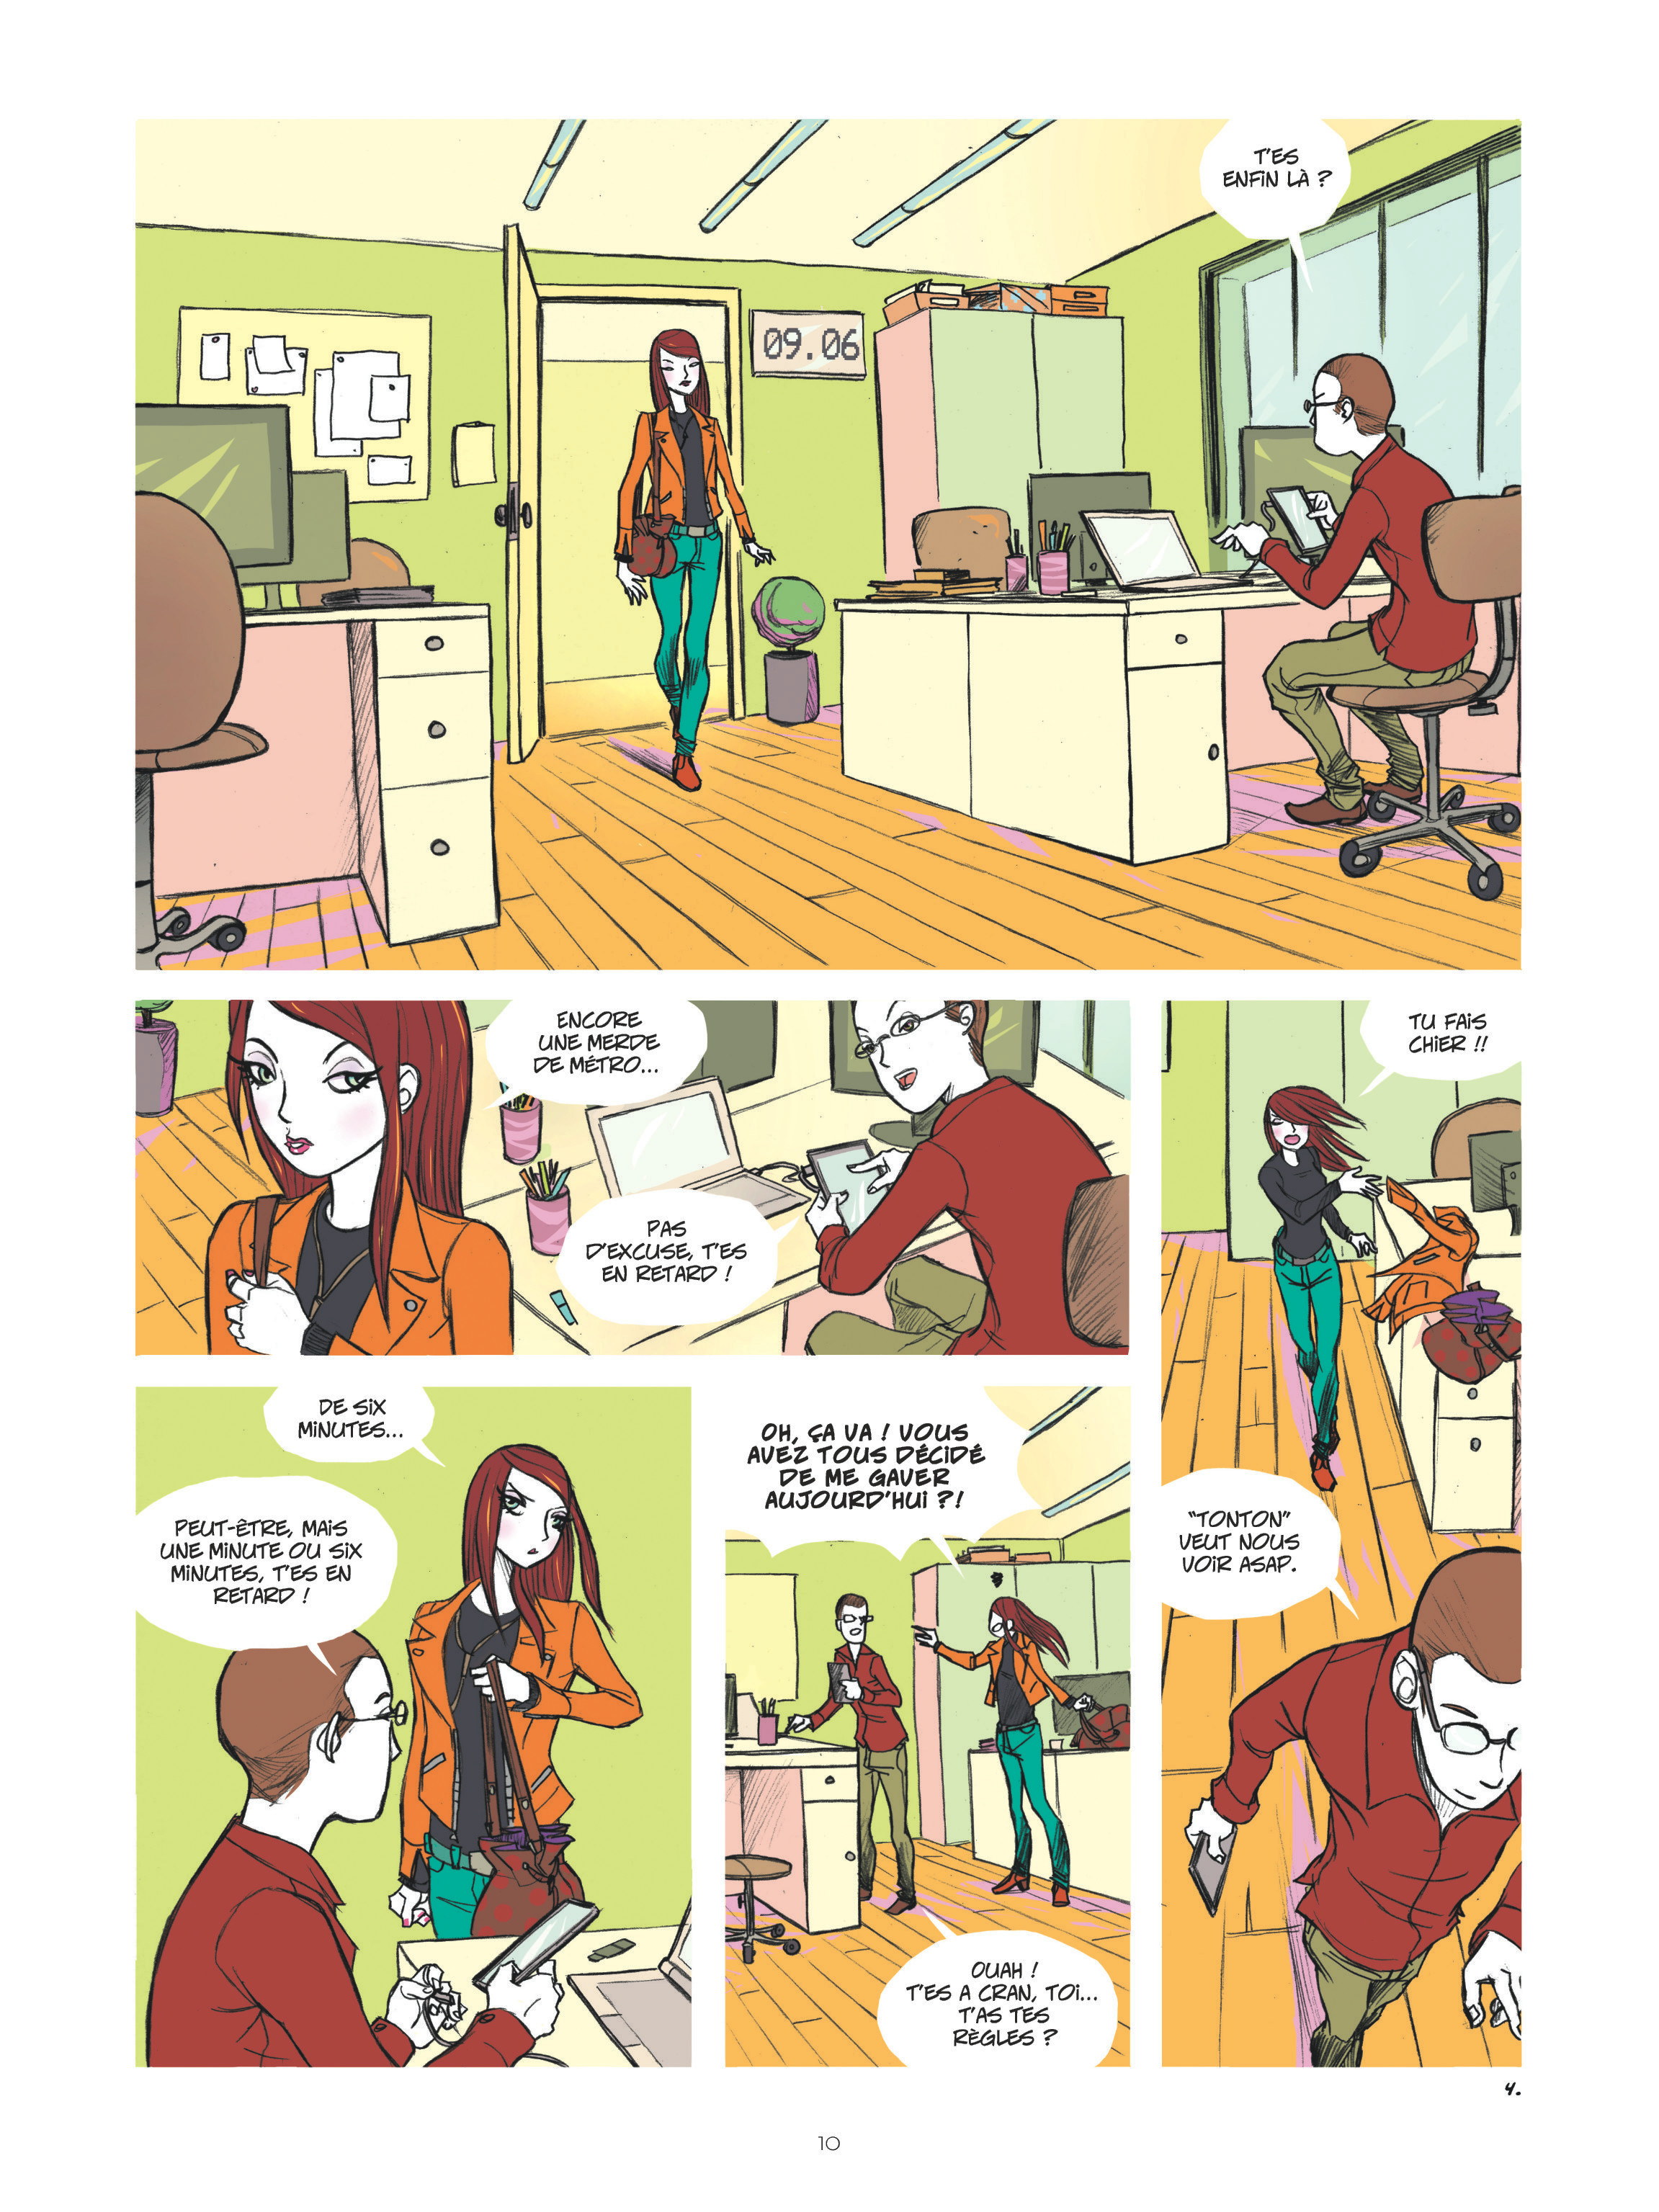 Journal_d_une_femen_Page 10